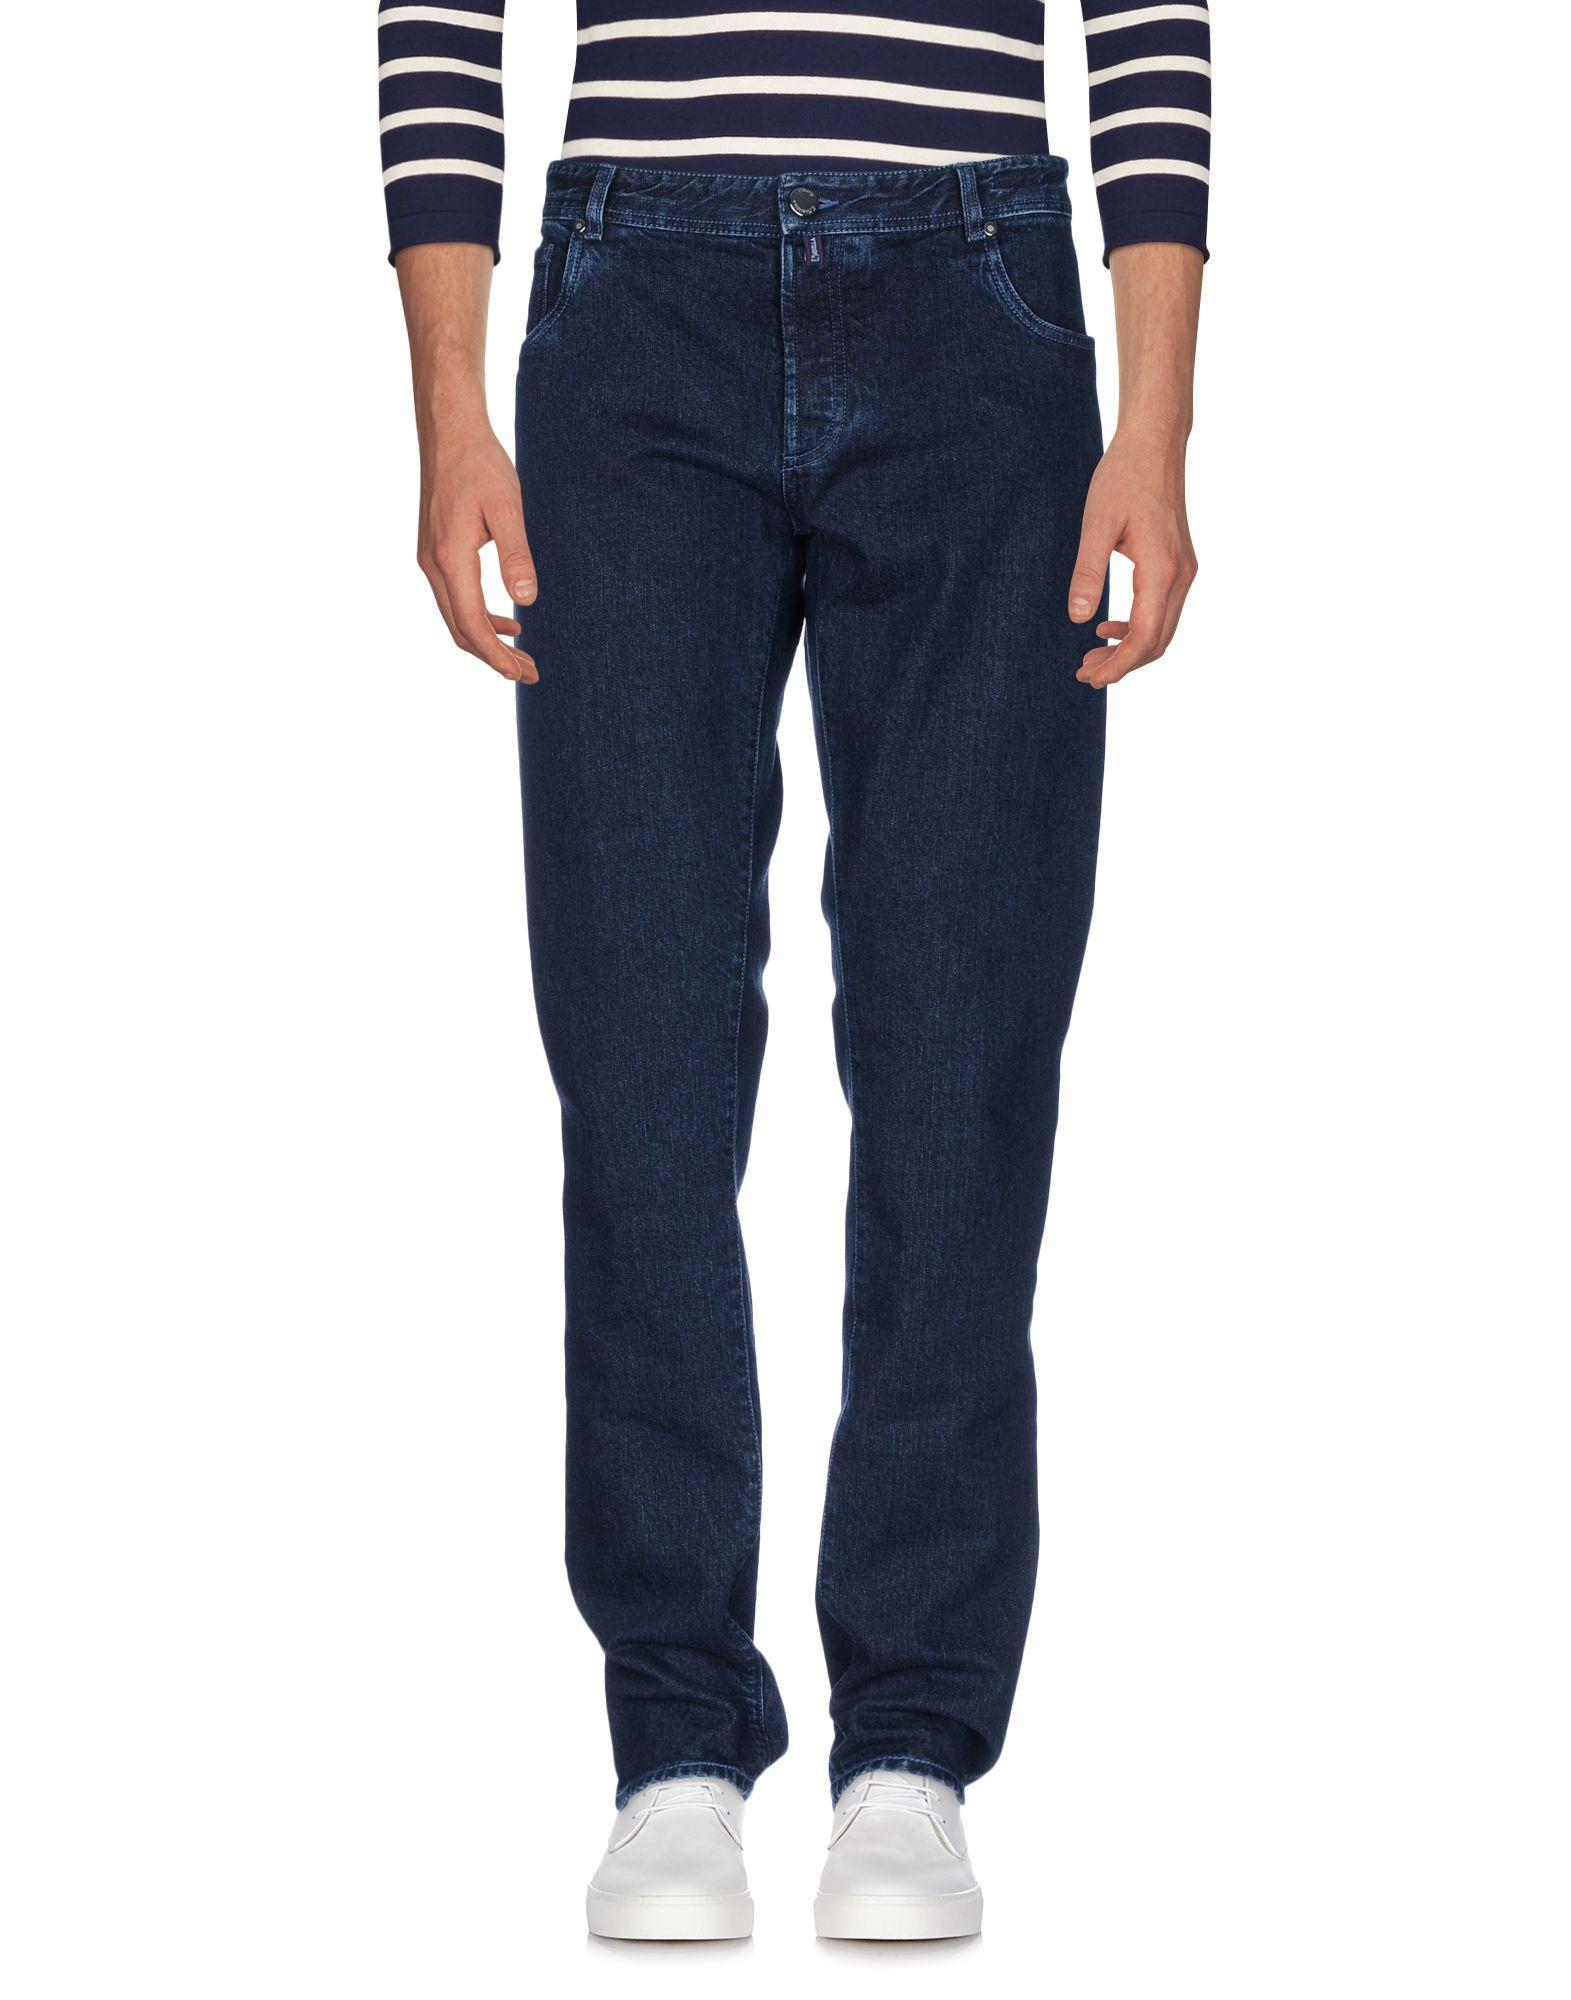 Pantaloni Jeans E.Marinella E.Marinella E.Marinella Uomo - 42637380GO 41801c